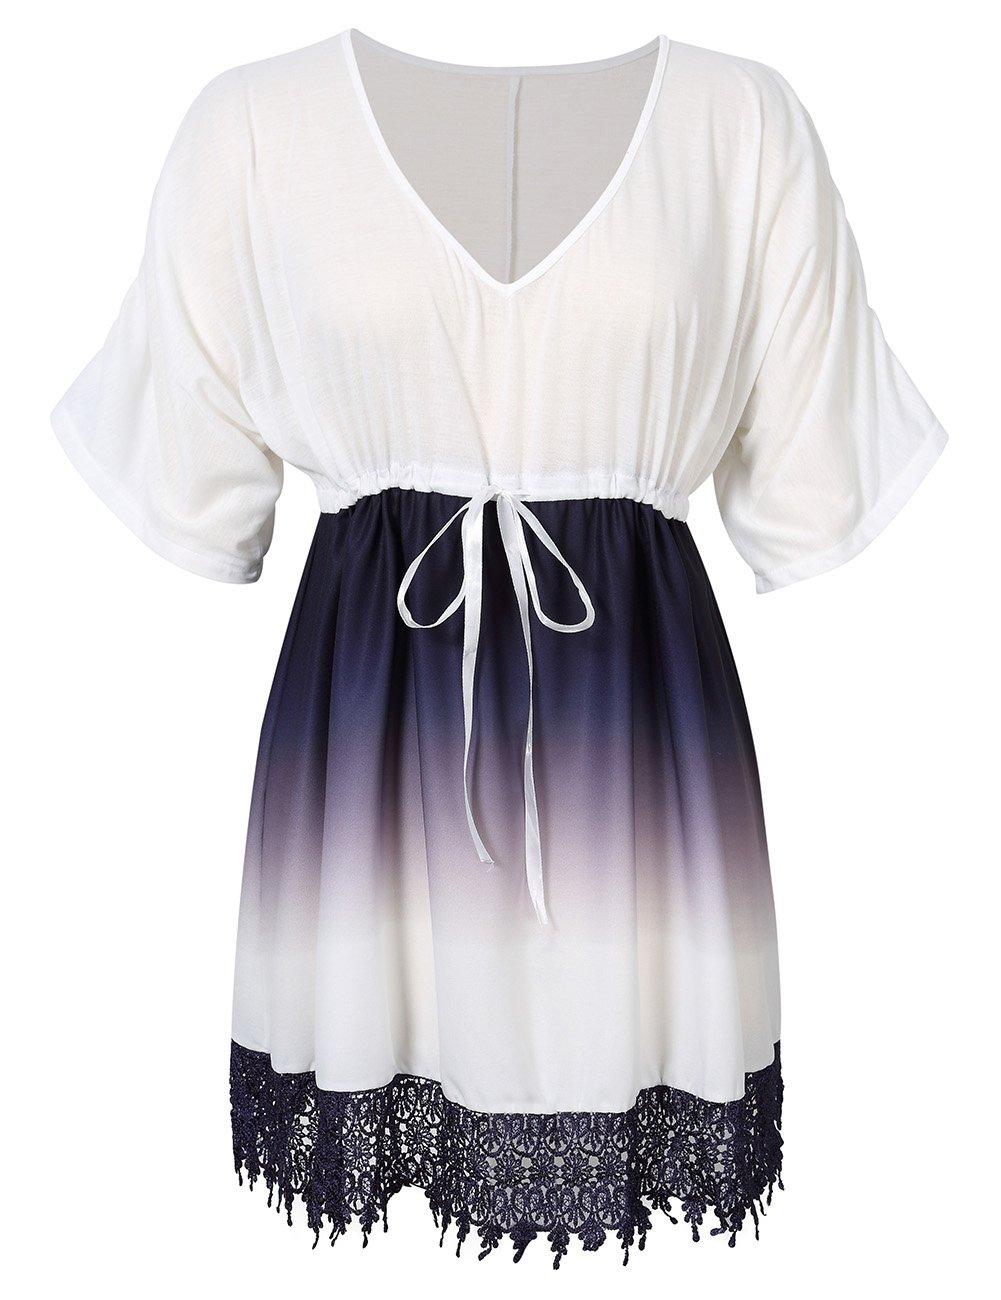 AMZ PLUS Women's Plus Size Trumpt Sleeve Floral Tunic Waist Jumpsuit SK-C370-VOI7